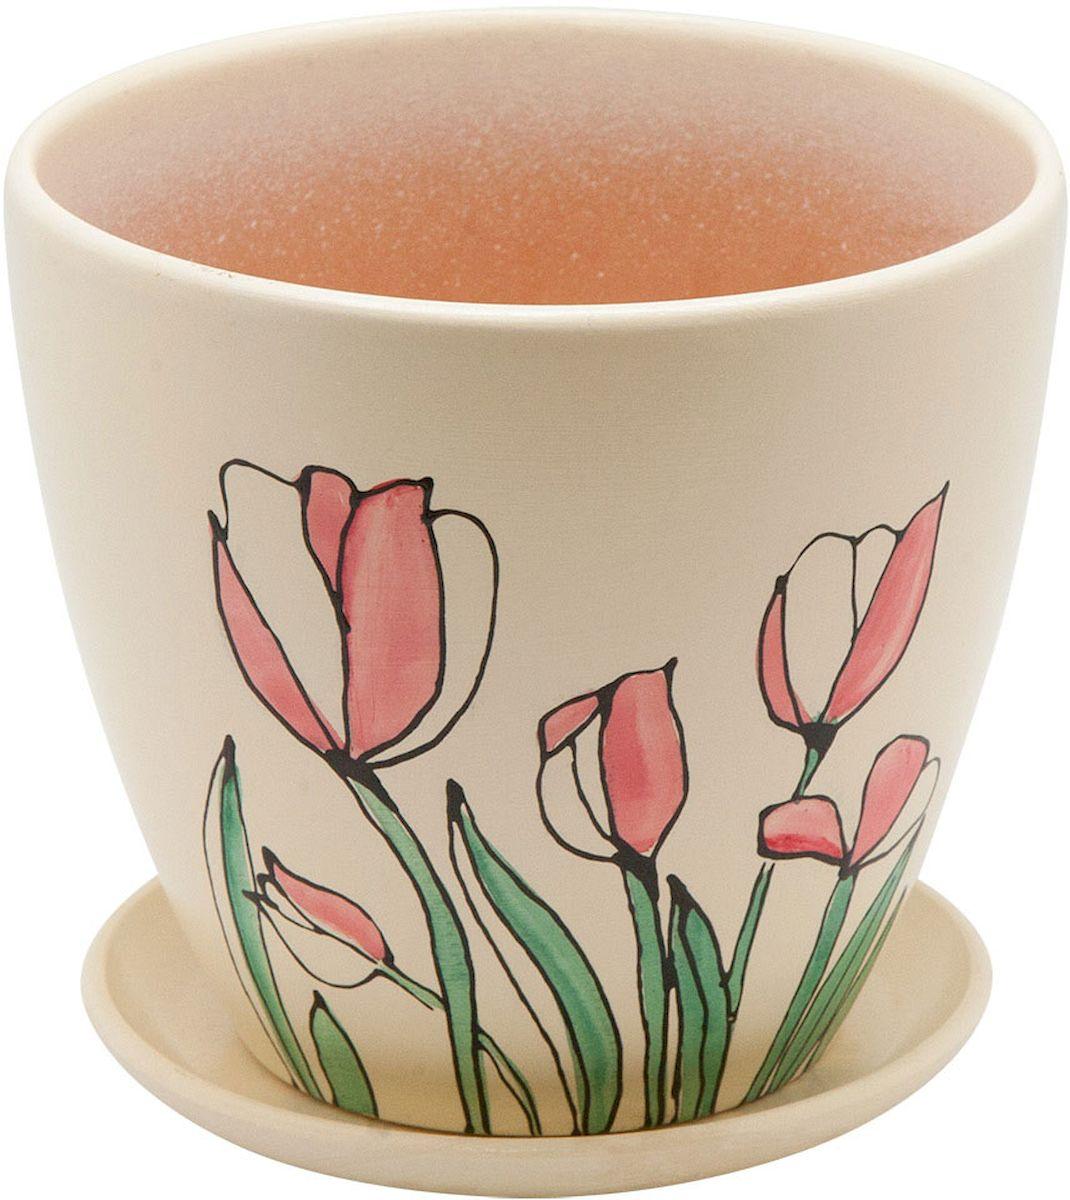 Горшок цветочный Engard, с поддоном, 2,4 л. BH-12-219201Керамический горшок - это идеальное решение для выращивания комнатных растений и создания изысканности в интерьере. Керамический горшок сделан из высококачественной глины в классической форме и оригинальном дизайне.